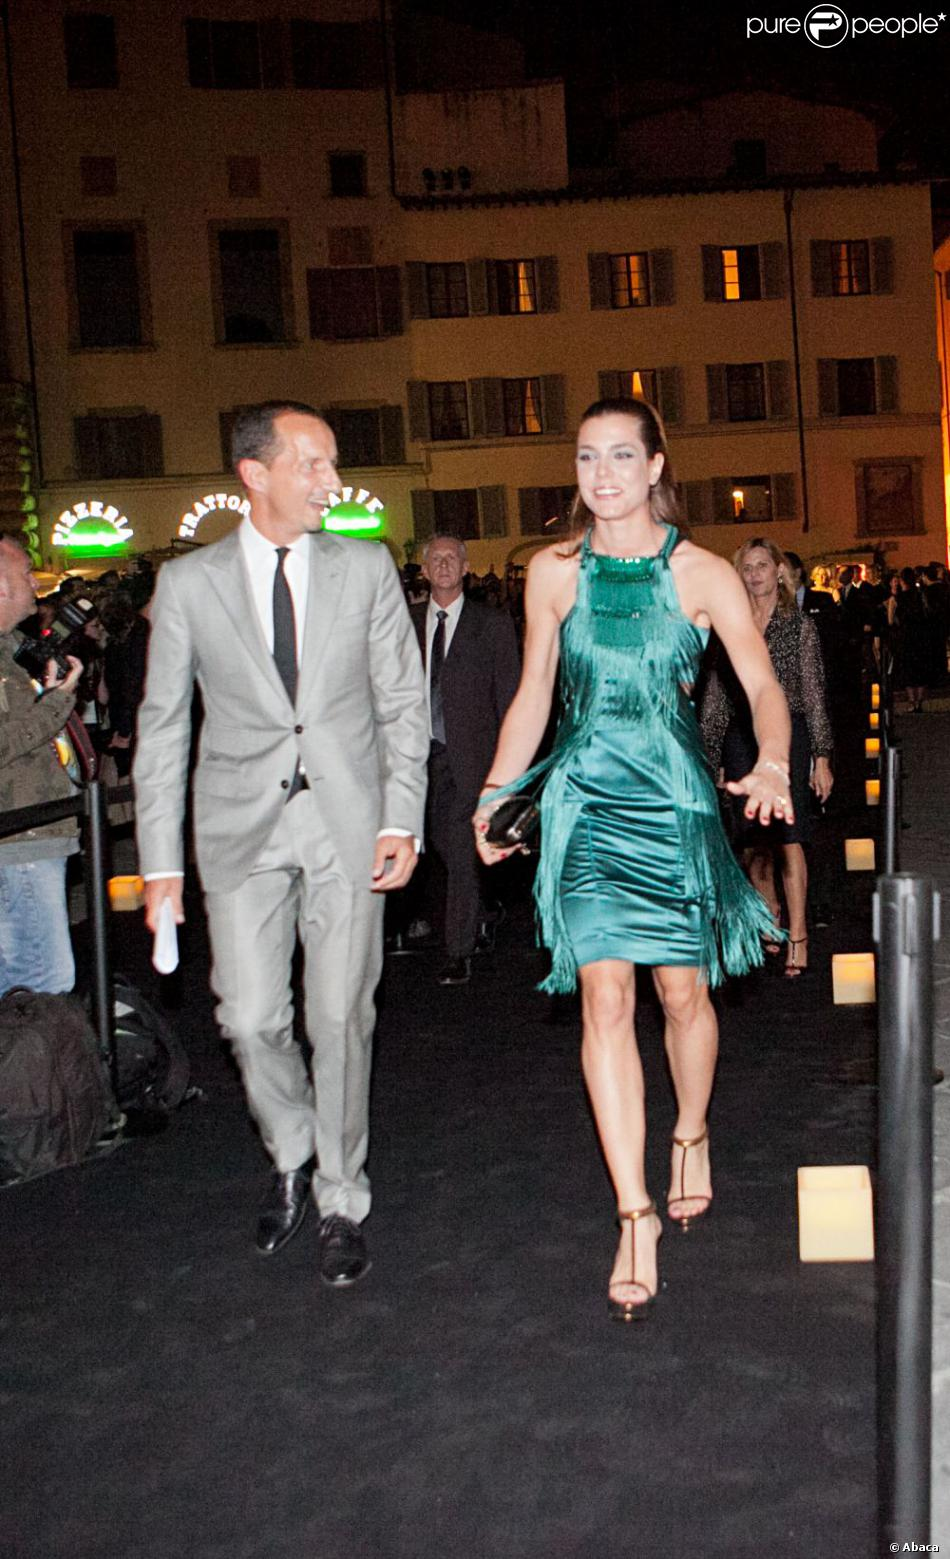 Charlotte Casiraghi est splendide dans sa robe verte à franges lors de la  soirée d\u0027ouverture du musée Gucci à Florence en Italie le 26 septembre 2011.